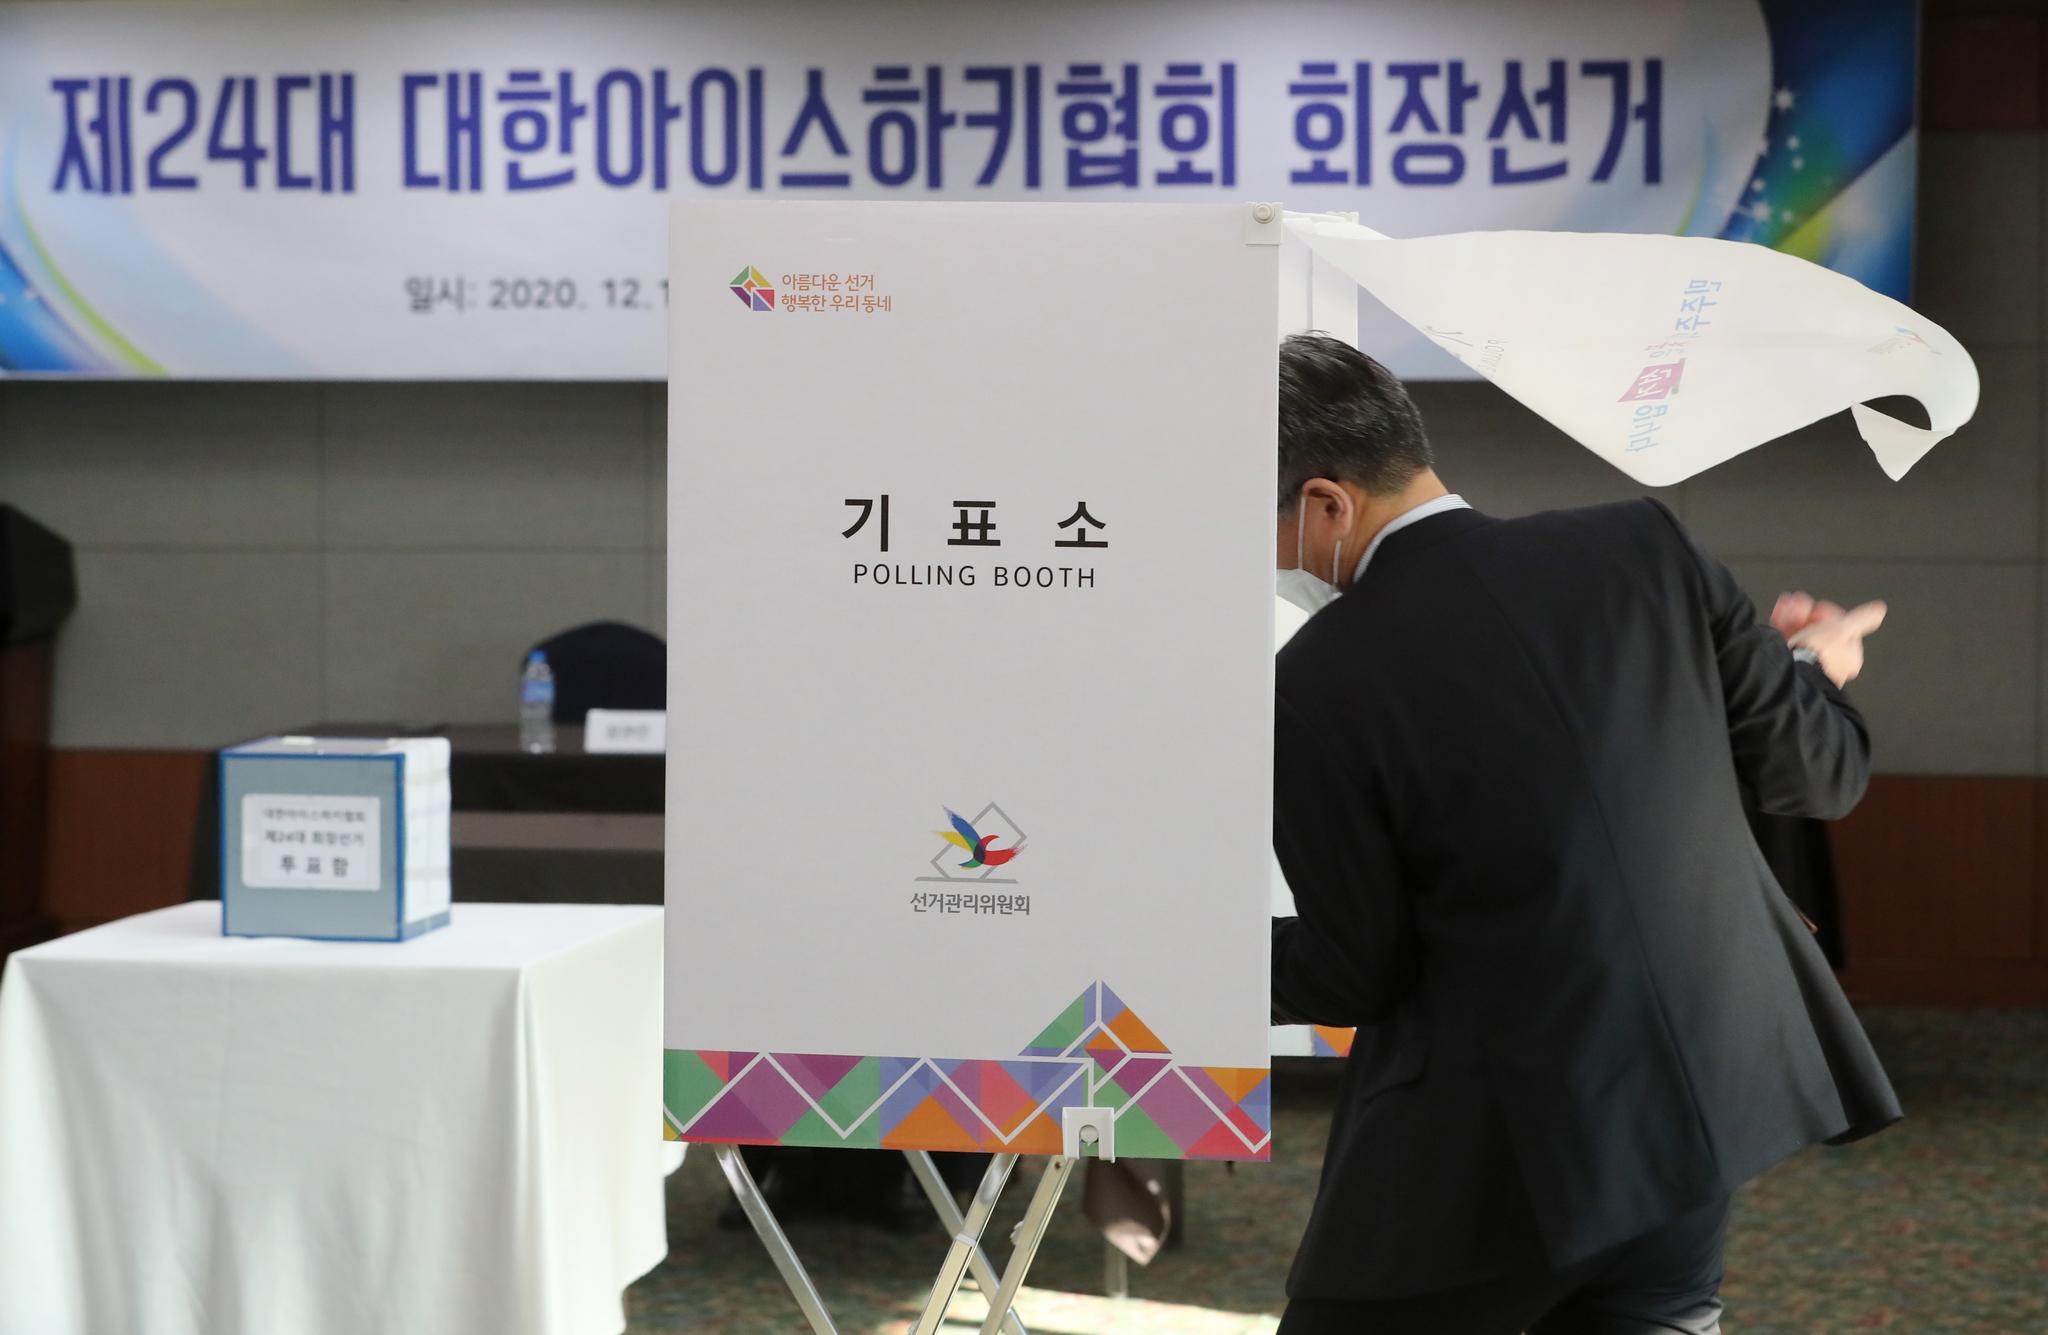 17일 서울 송파구 올림픽파크텔에서 열린 제24대 대한아이스하키협회 회장선거에서 관계자들이 투표를 하고 있다. [뉴스1]